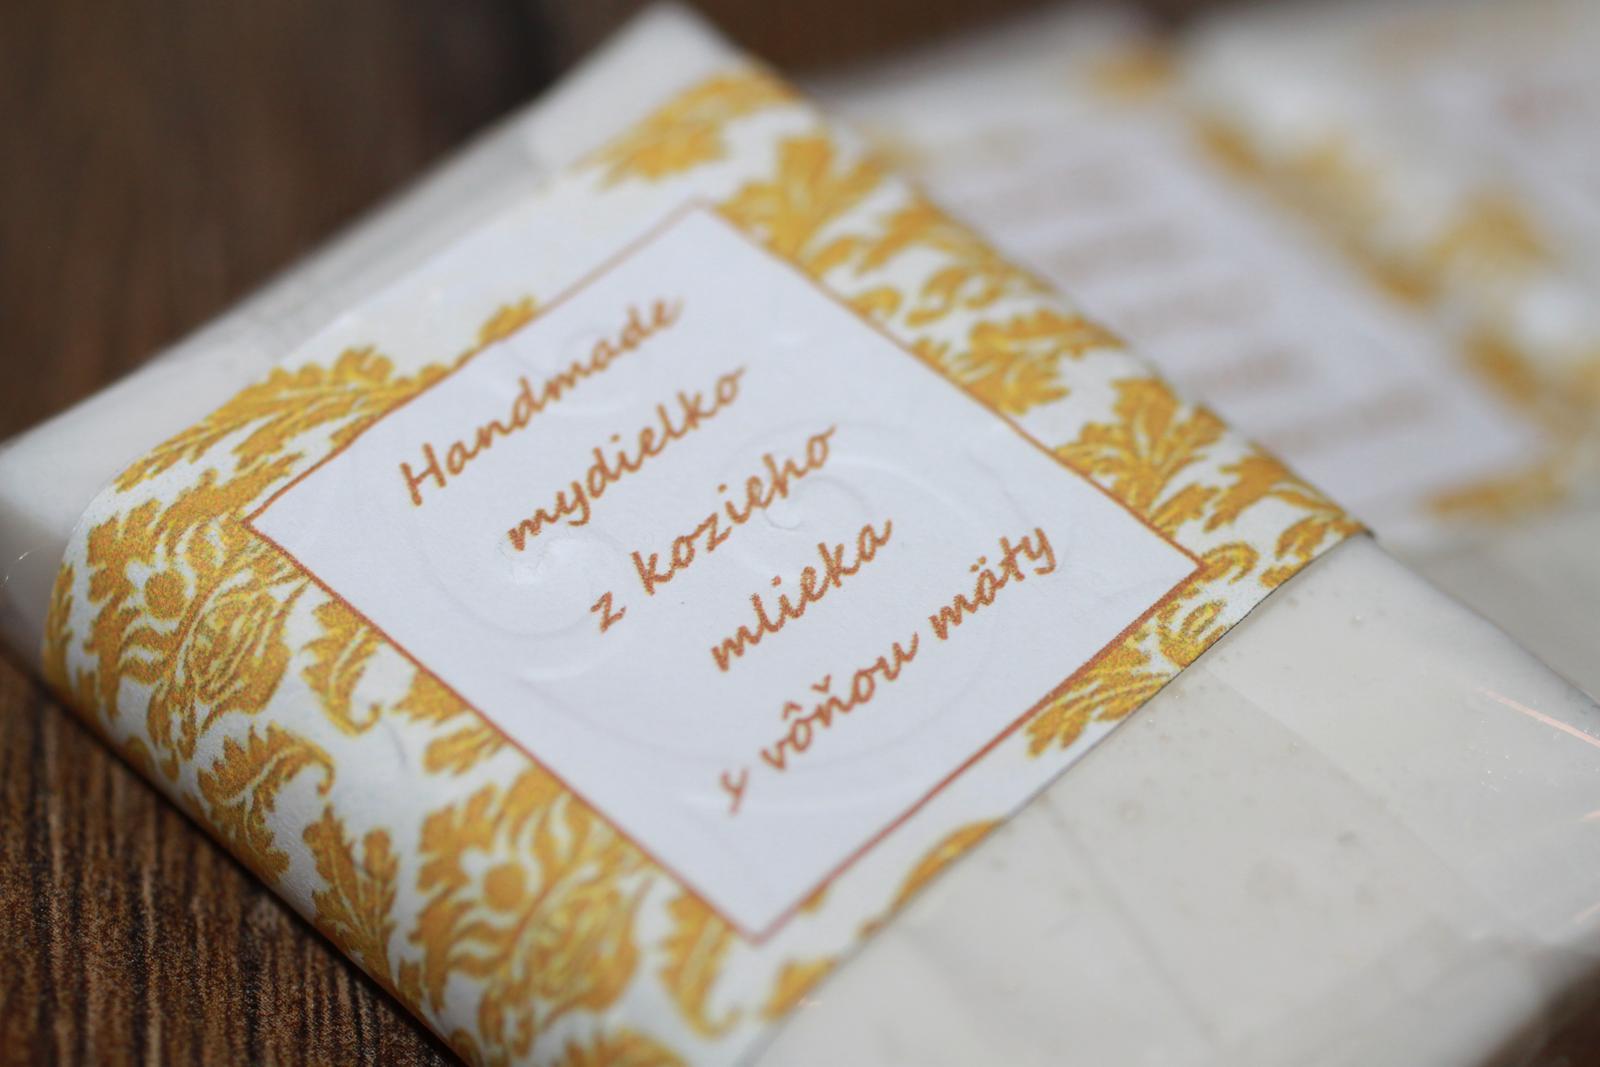 Naše prvé svadobné návrhy a prípravy - Dozadu sme dali info o mydielku, aby neprišlo k omylu a náhodou to nepovažovali za bielu mätovú čokoládku :)